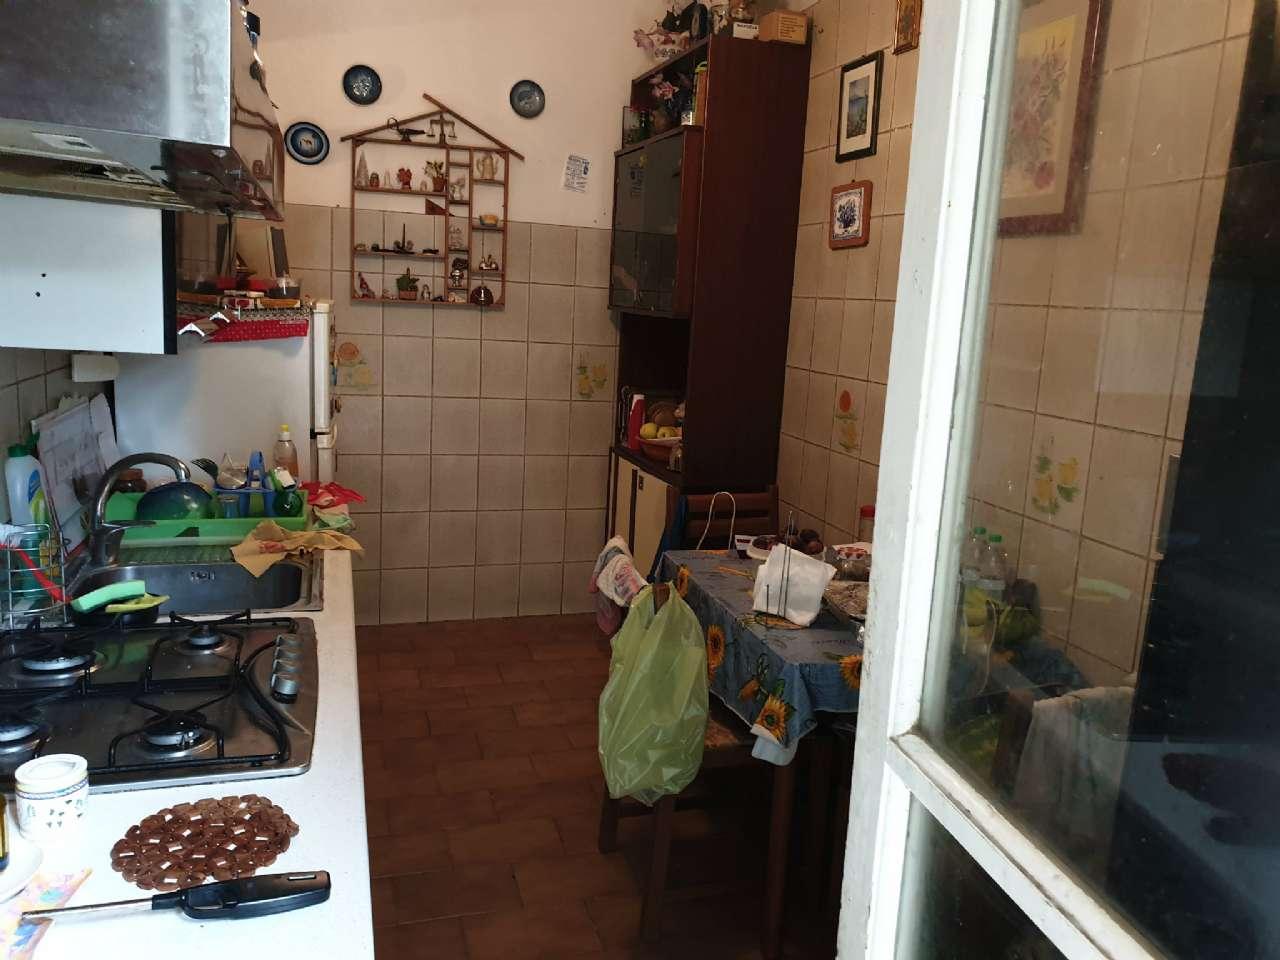 Trilocale, Via Lo Monaco Ciaccio Antonino, Zona Uditore, Palermo, foto 3